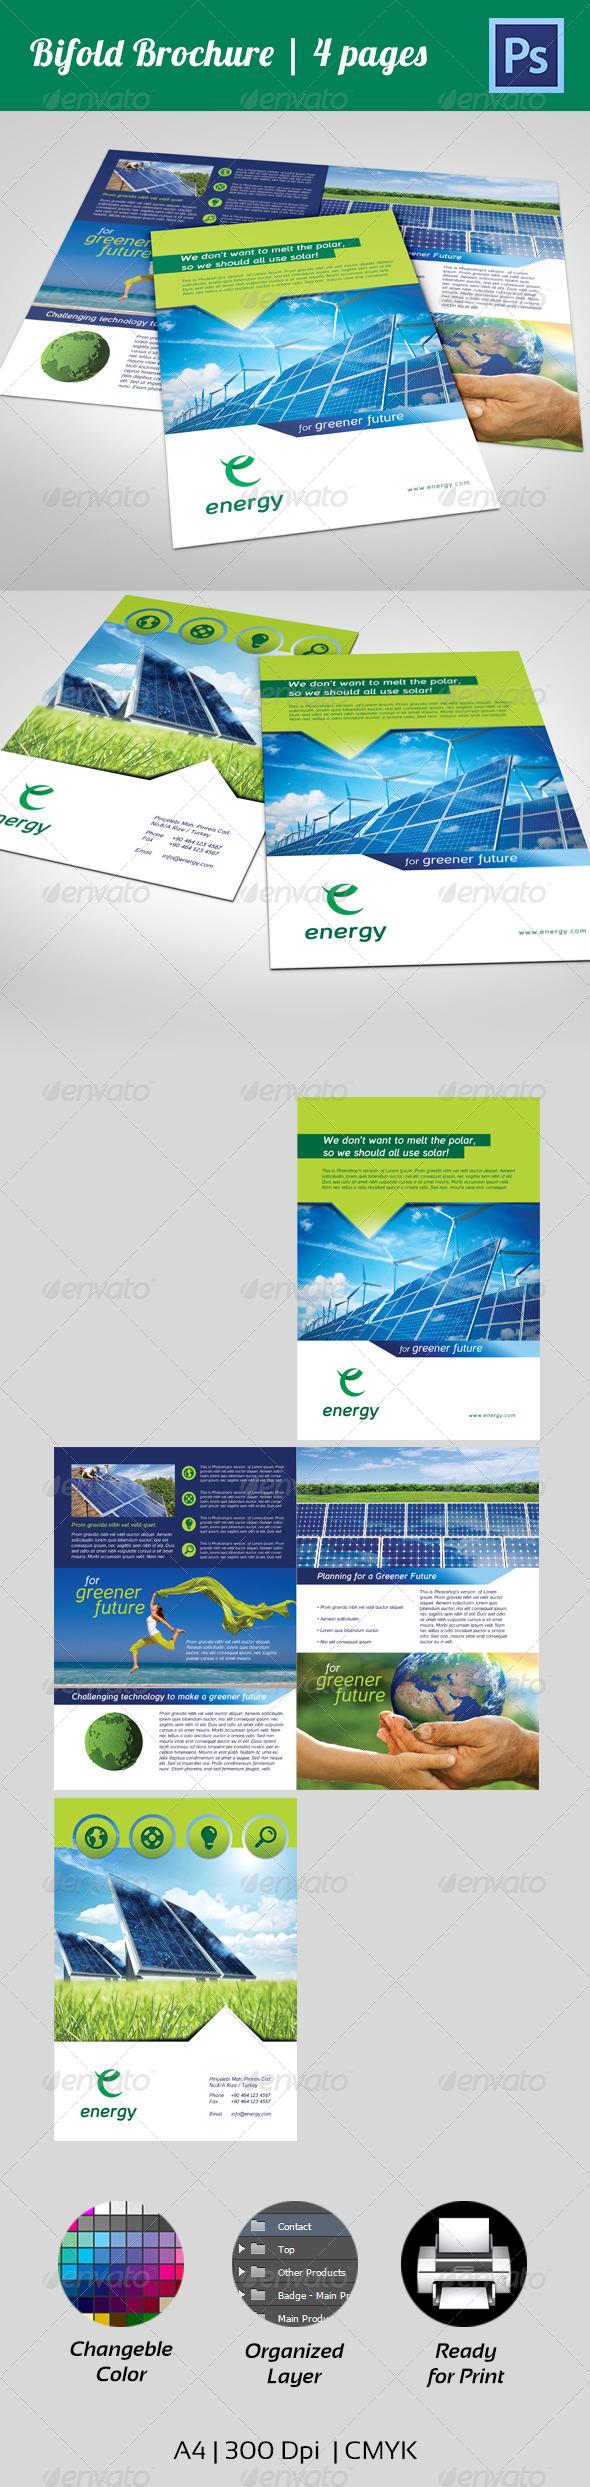 GraphicRiver Multipurpose Corporate Brochure Vol-I 4244252